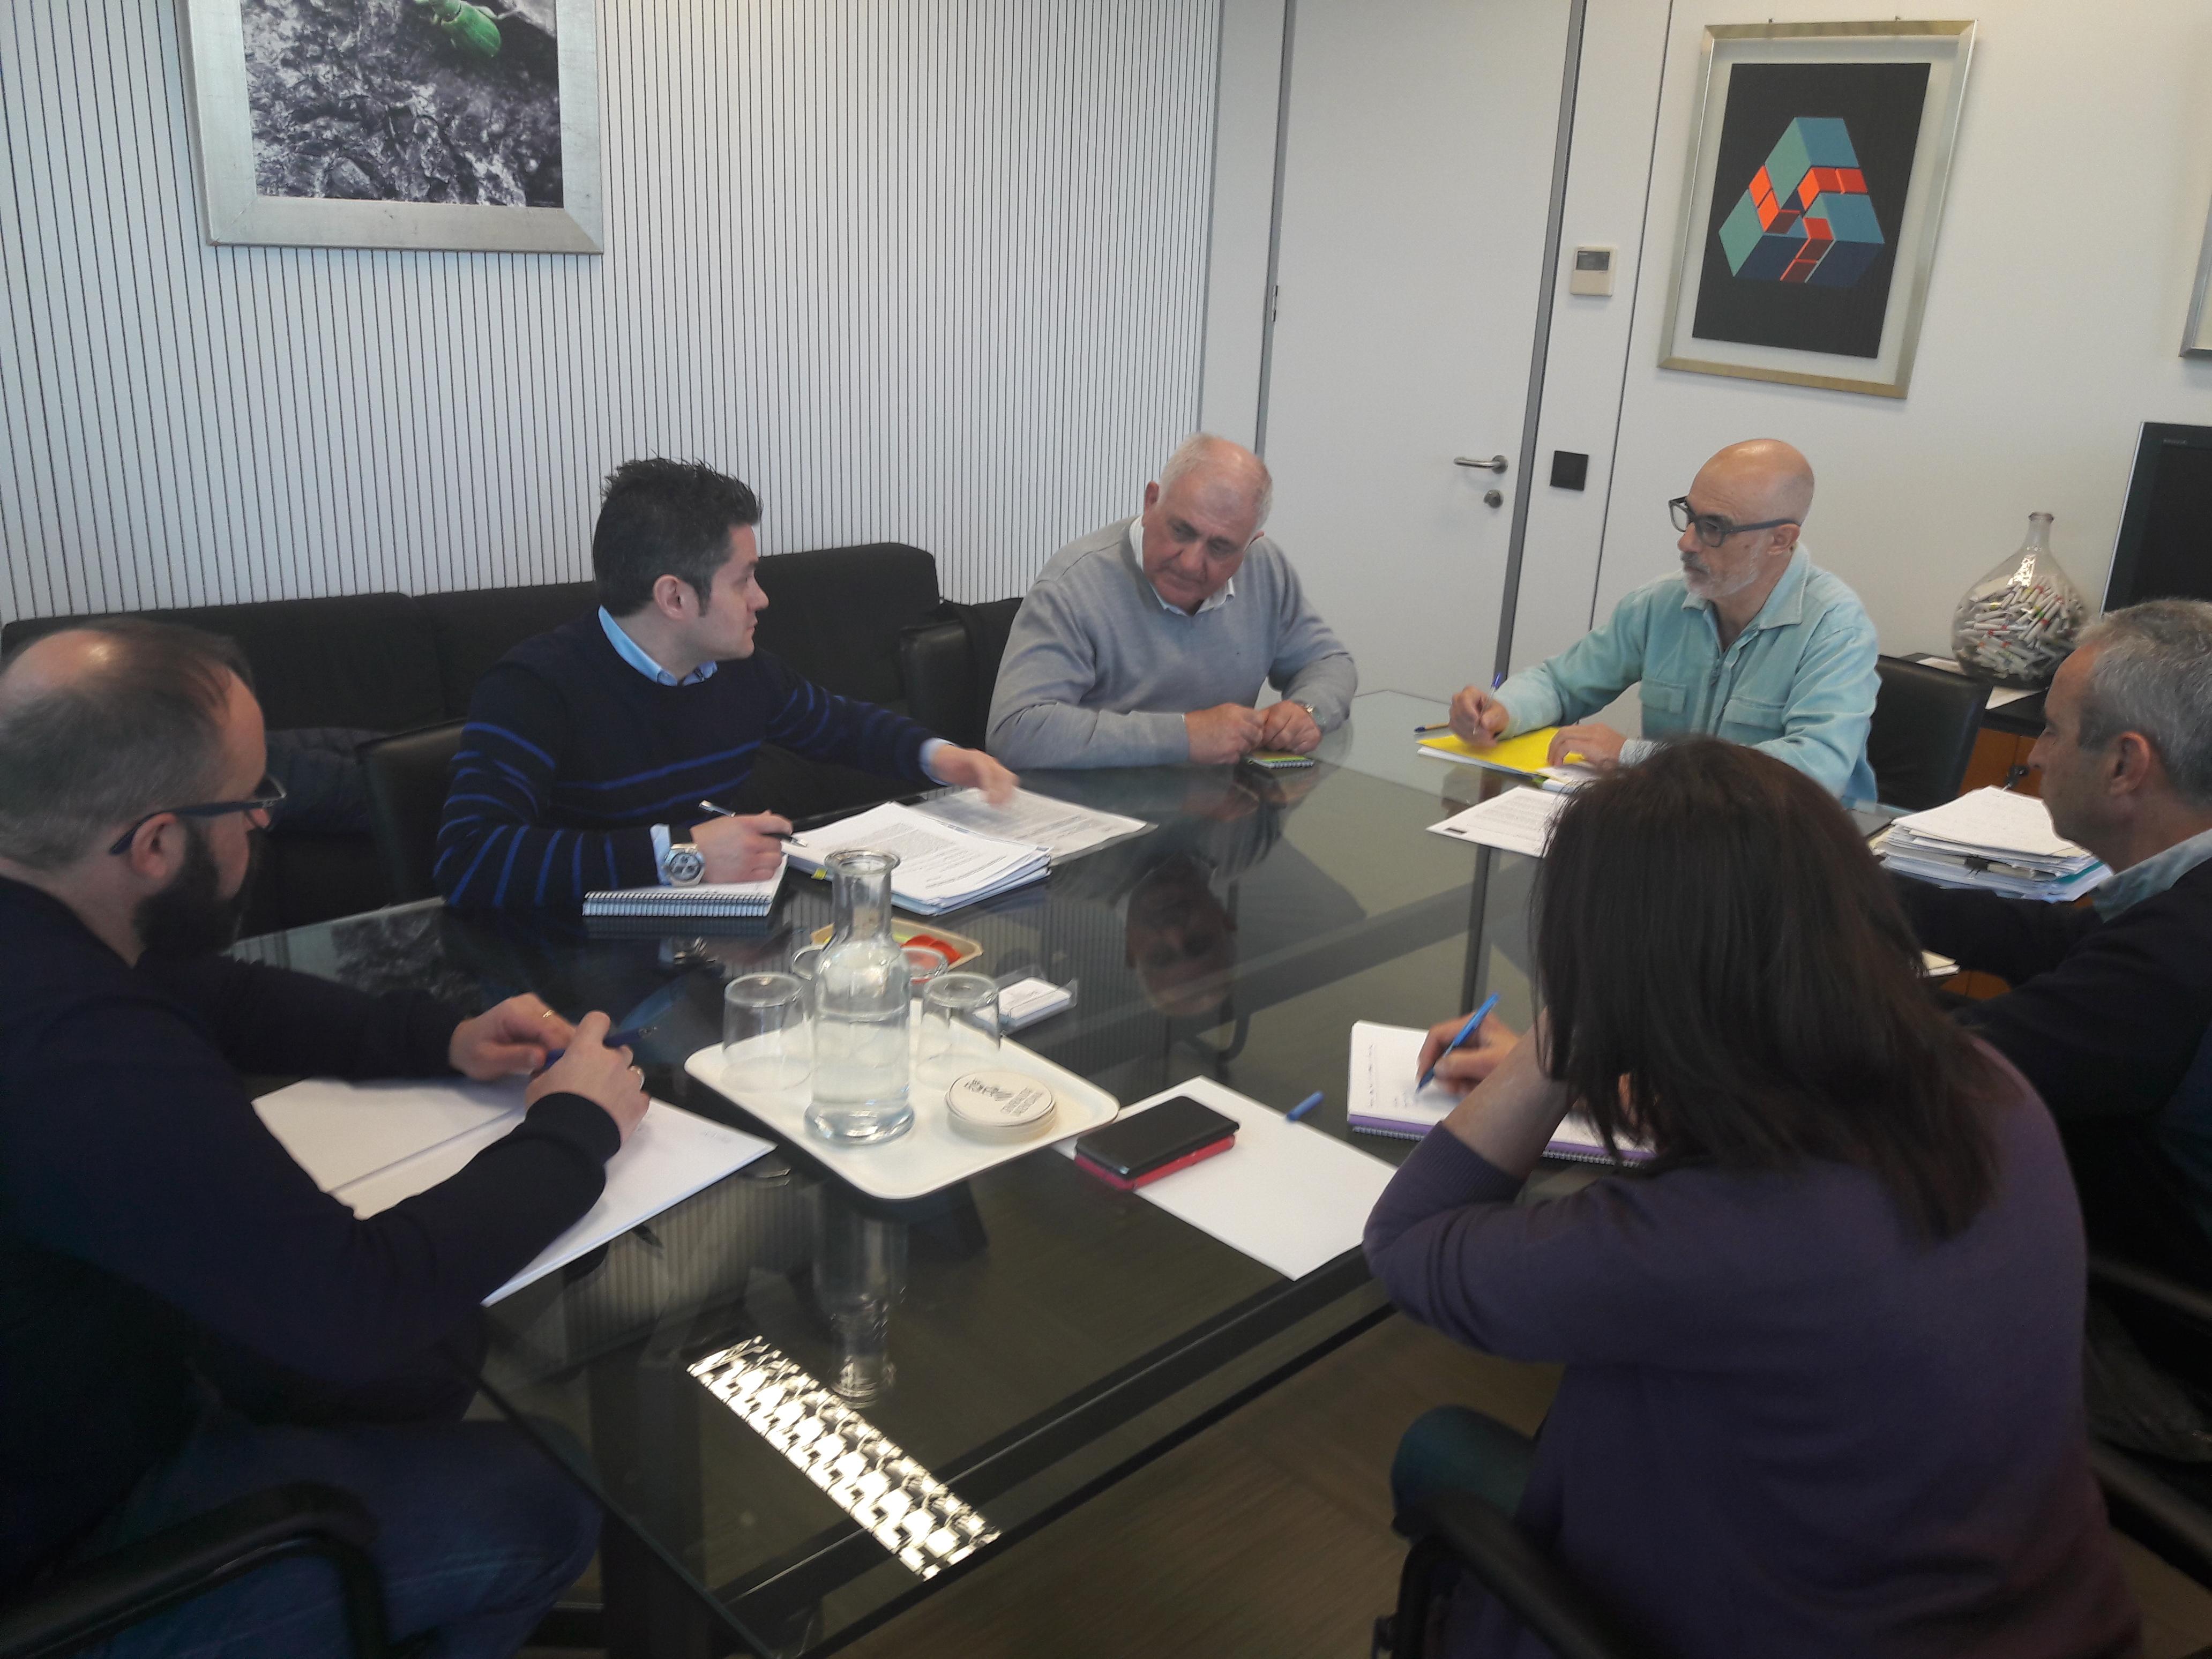 En el transcurso de la reunión, LA UNIÓ también ha insistido a Conselleria de Agricultura en la necesidad de agilizar la tramitación de los expedientes de las explotaciones ganaderas sometidas a impacto ambiental.